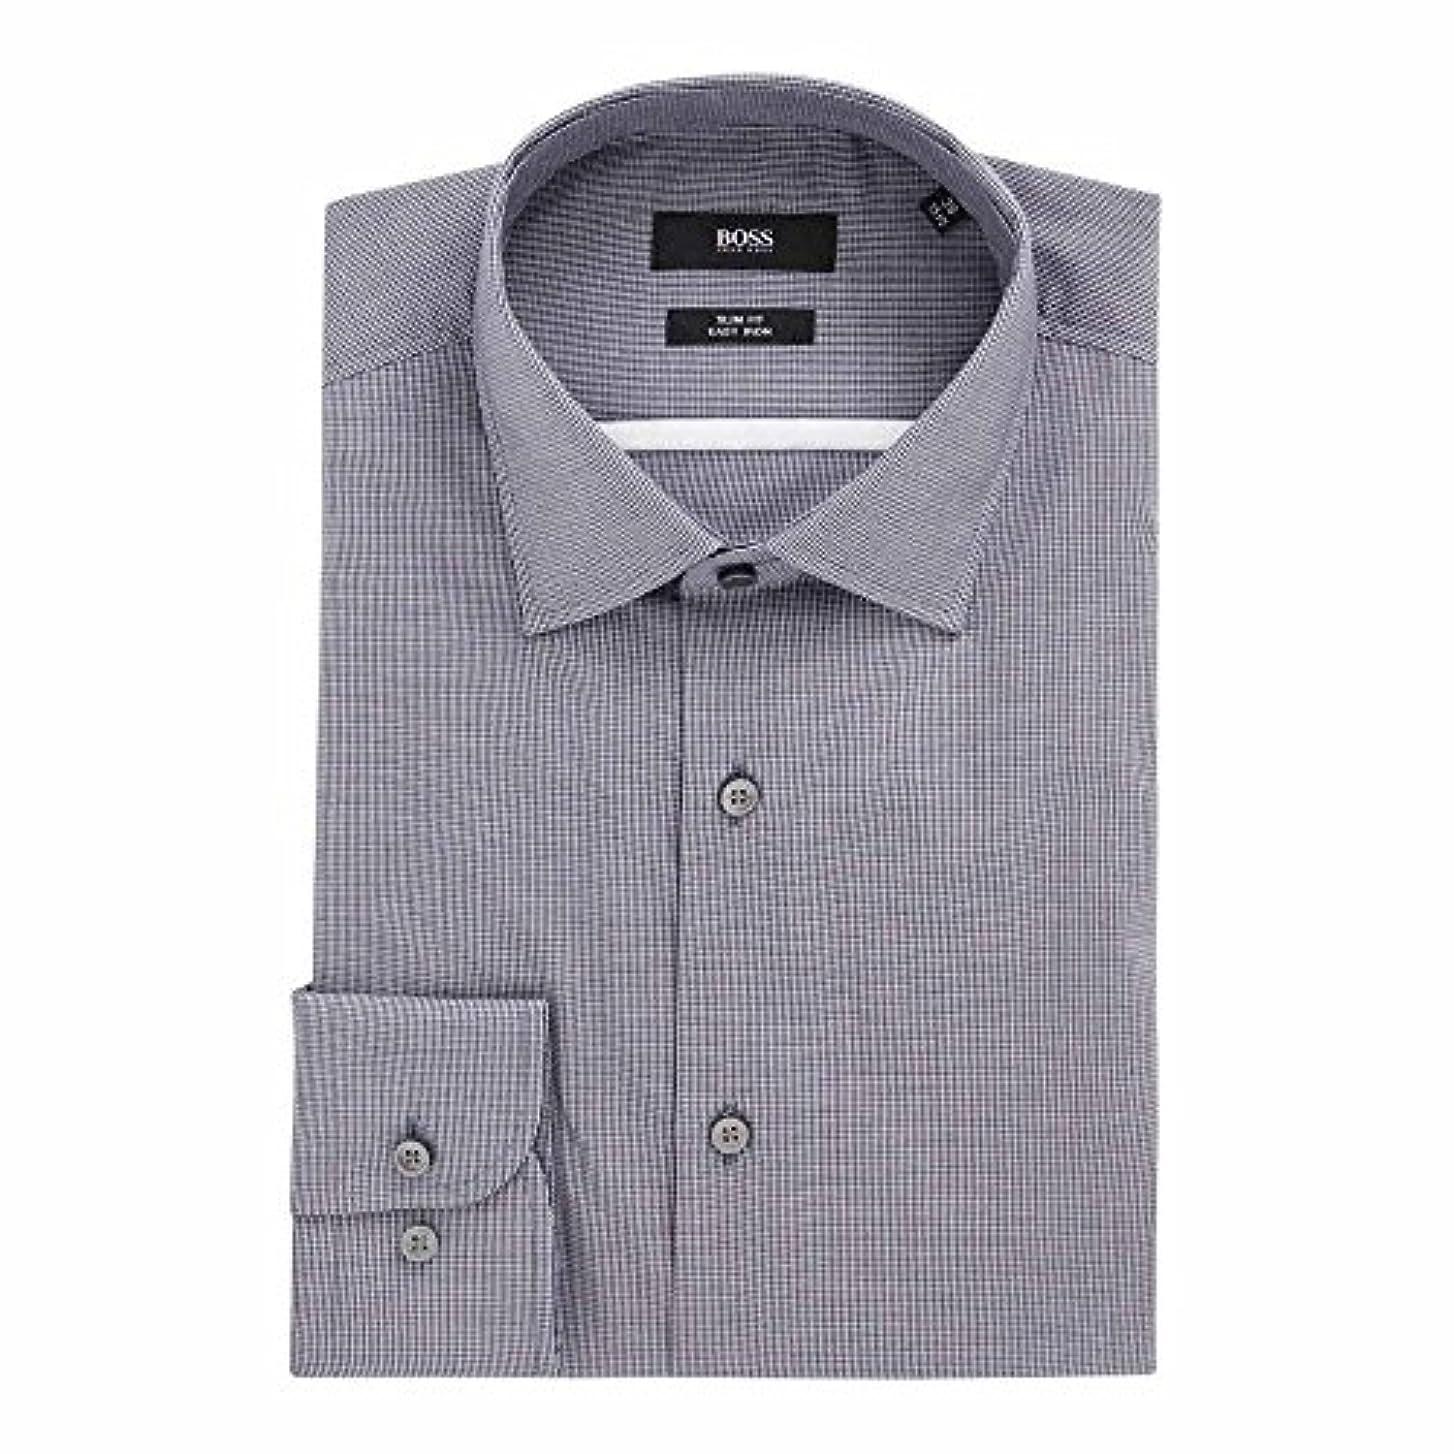 段階浴人物(ヒューゴ ボス) Hugo Boss メンズ トップス シャツ Slim Fit Texture Shirt With Contrast [並行輸入品]